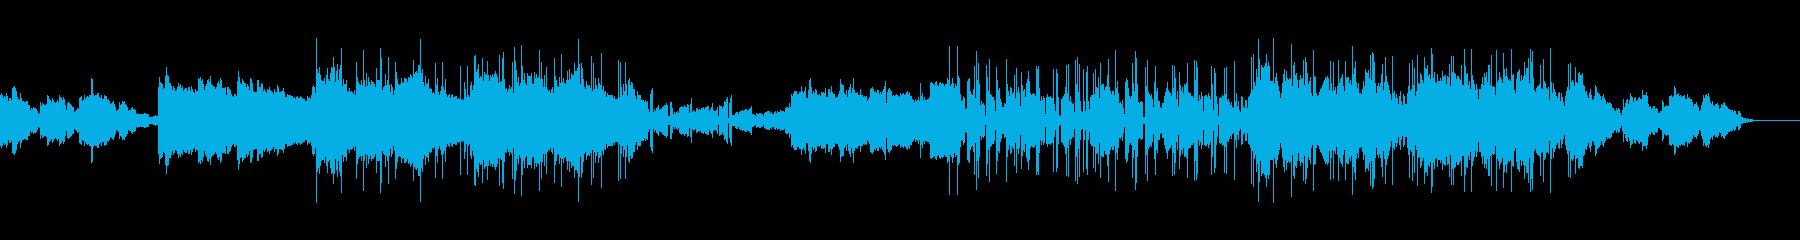 アンビエント、ローファイ、チルアウトの再生済みの波形